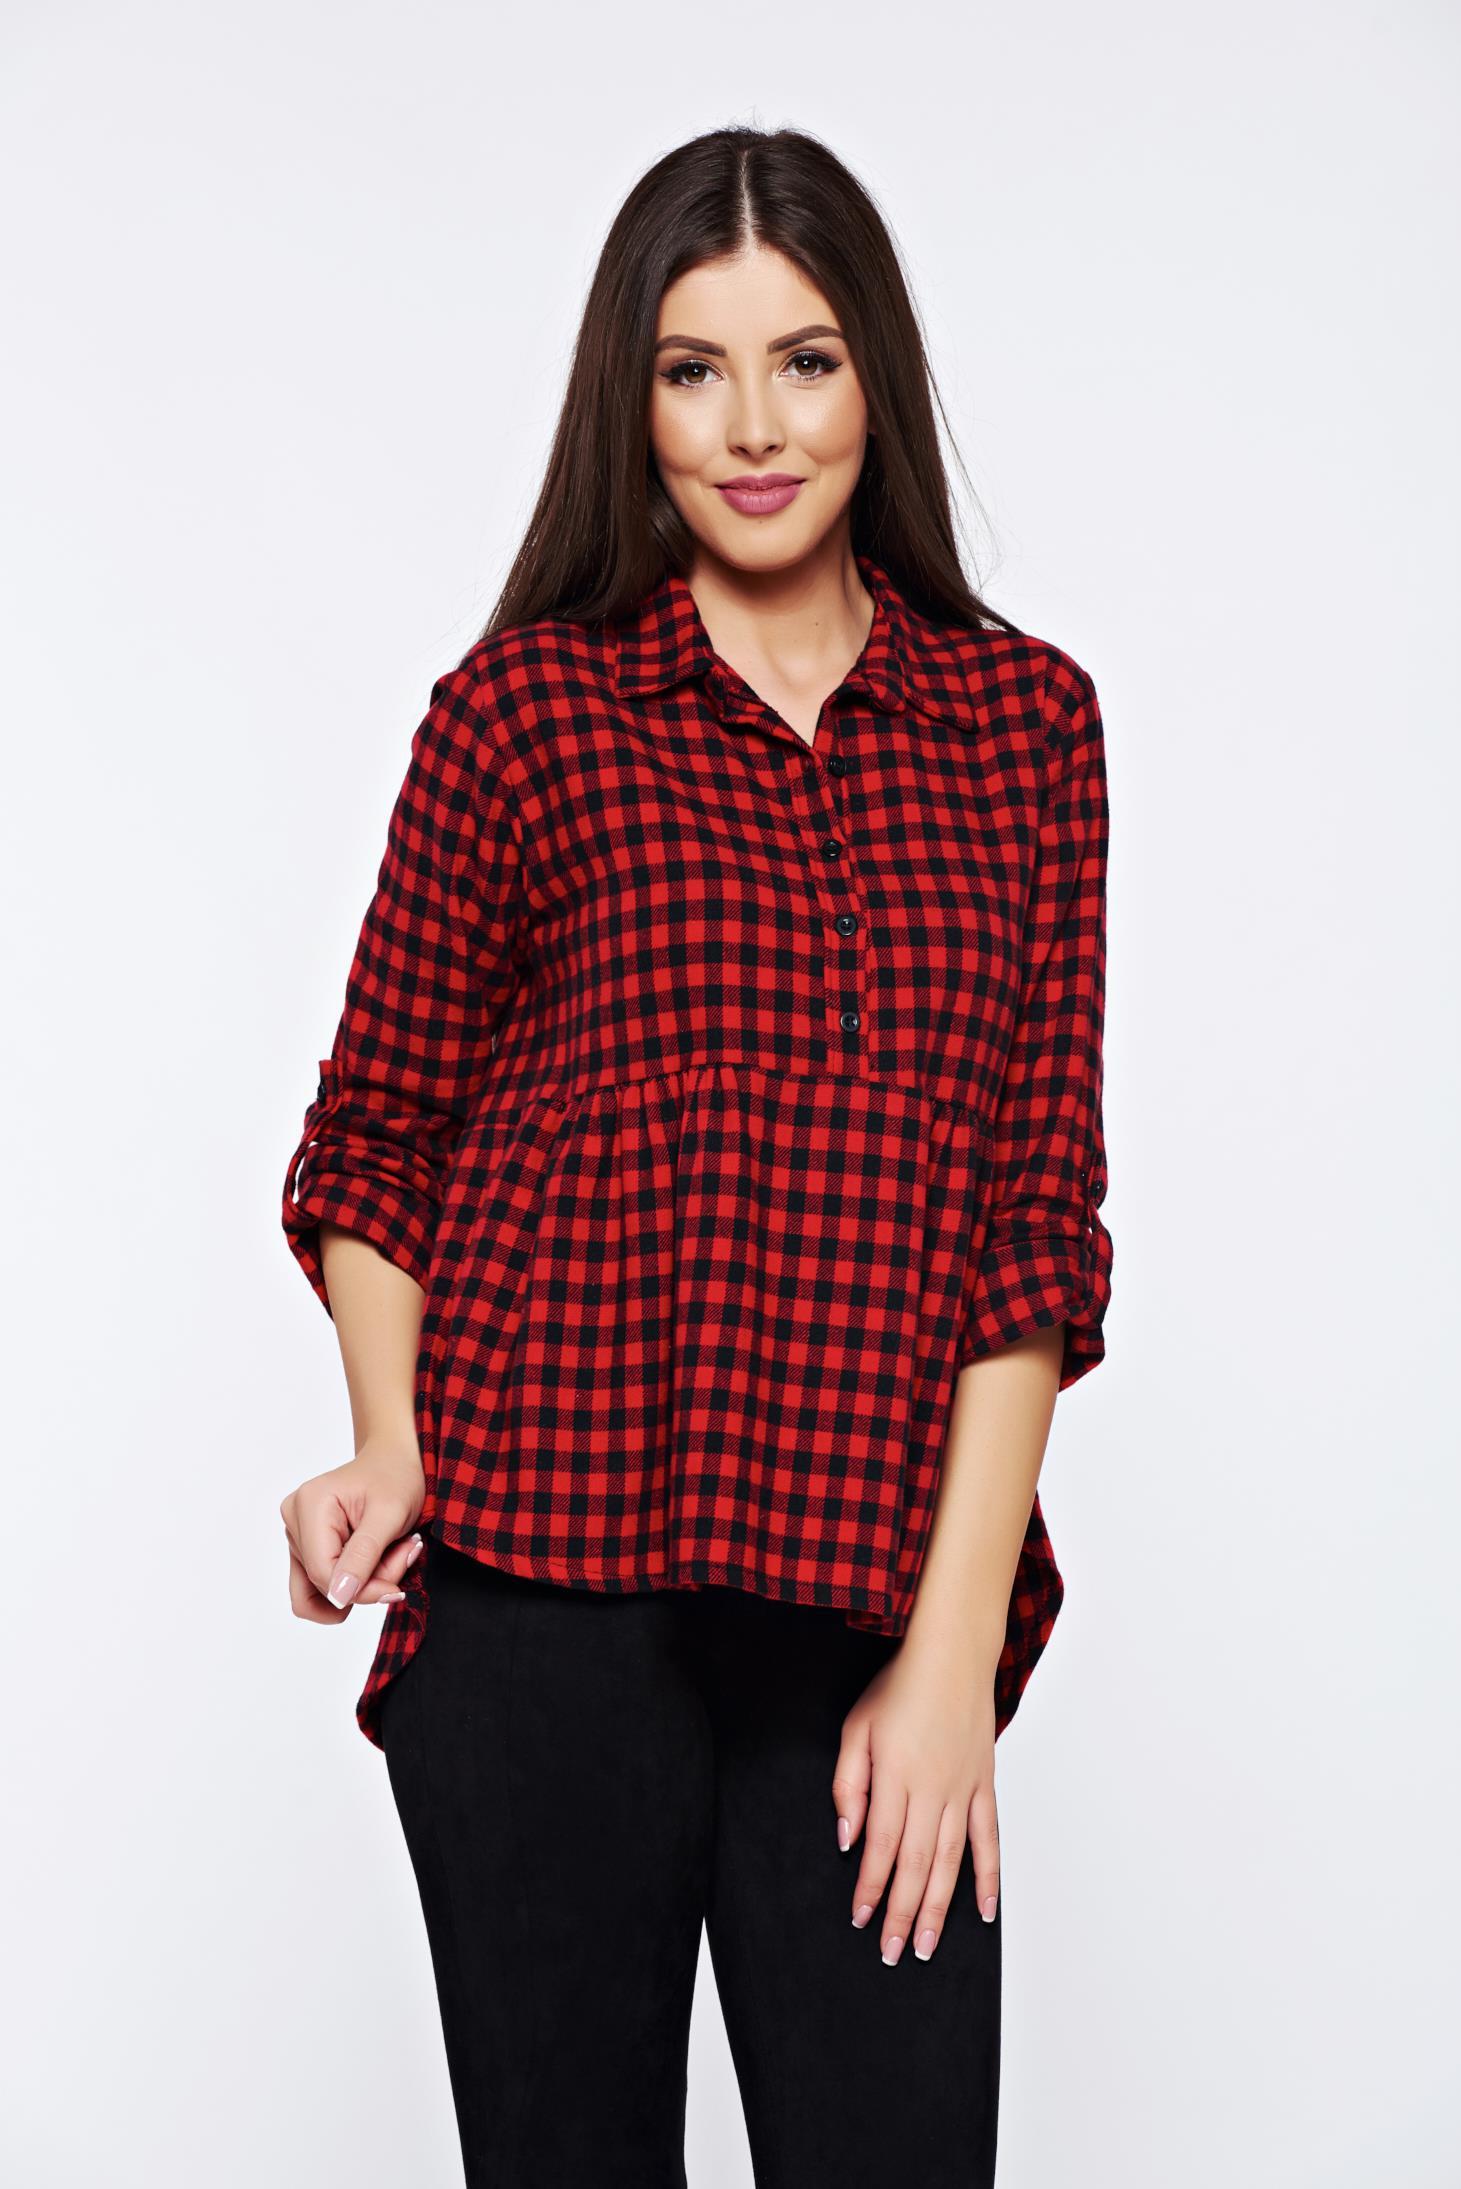 f5c039eefc Piros hétköznapi bő szabású kockás női ing